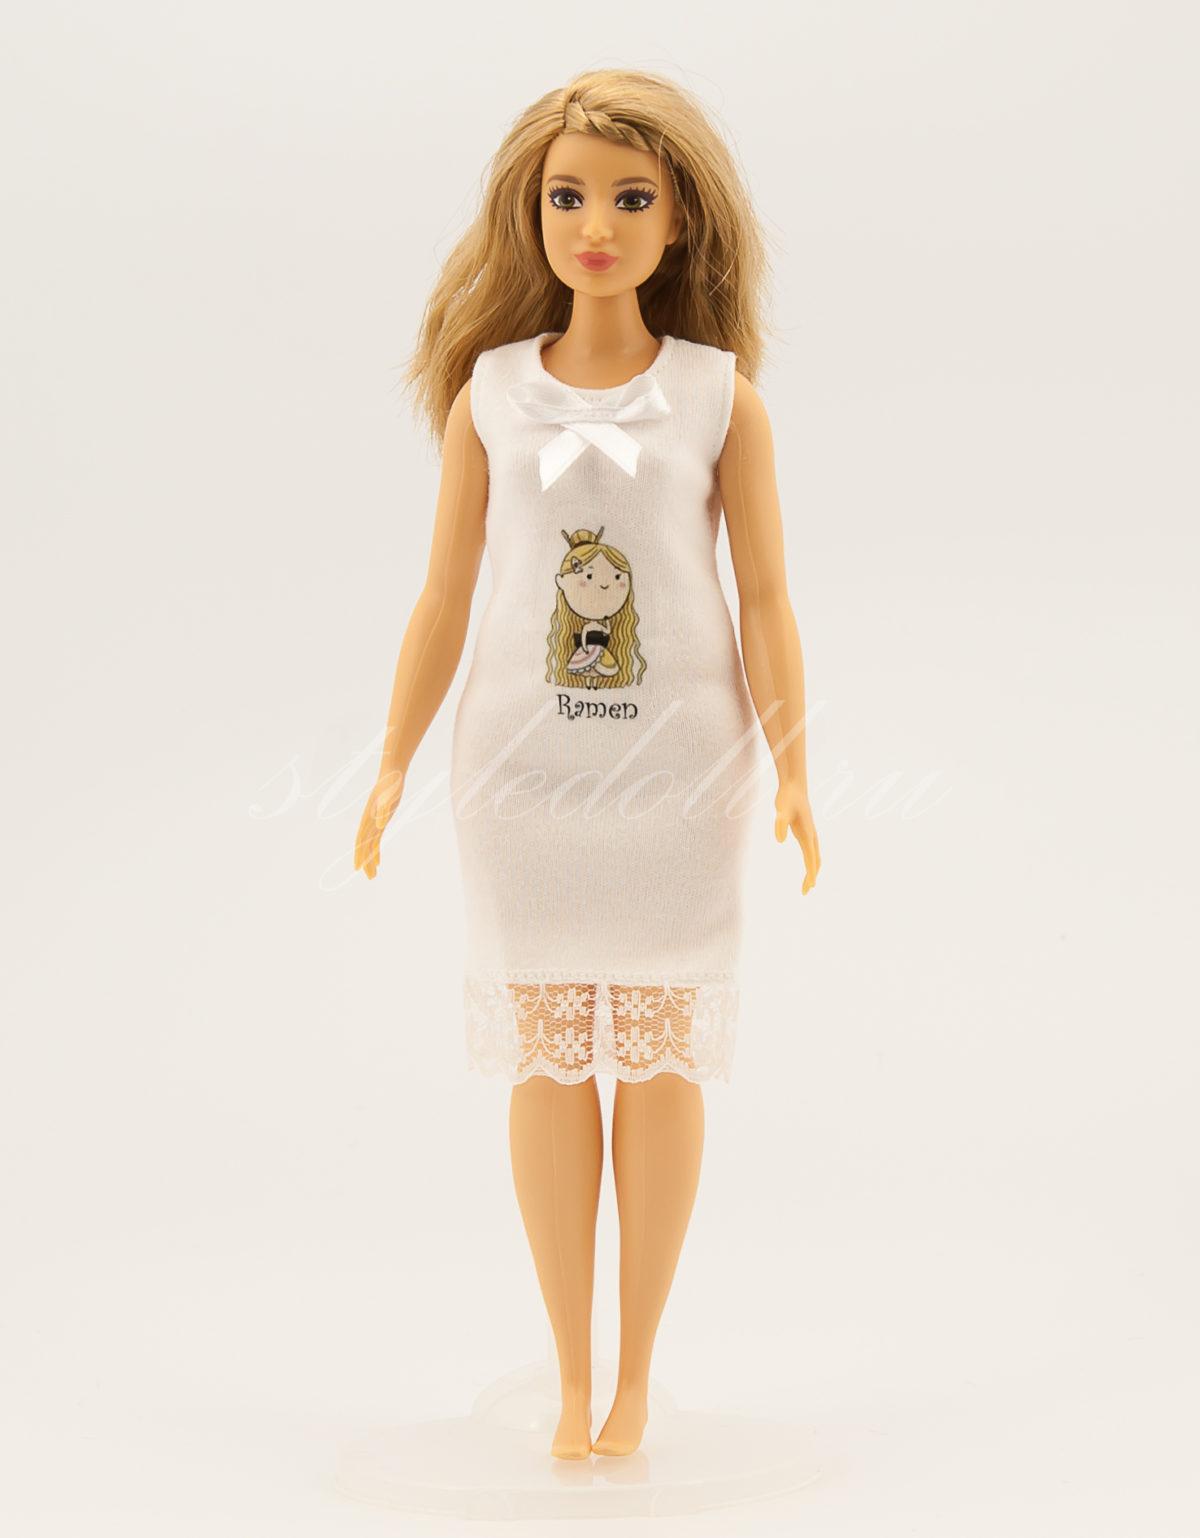 nightwear for barbie